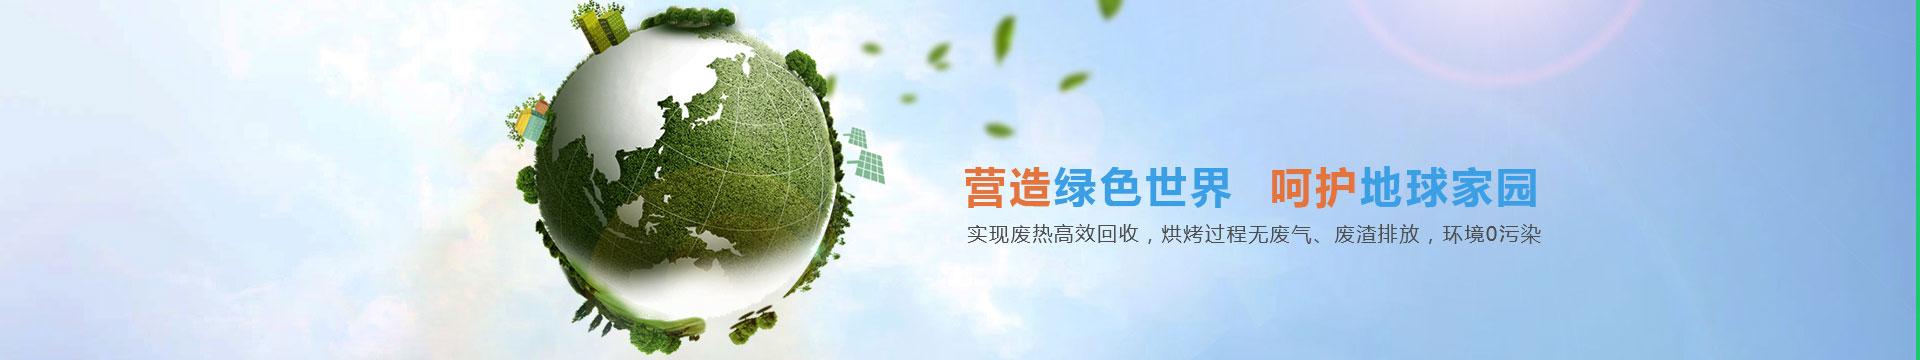 河nanbbim娱乐下载节nengke技gu份有限公司